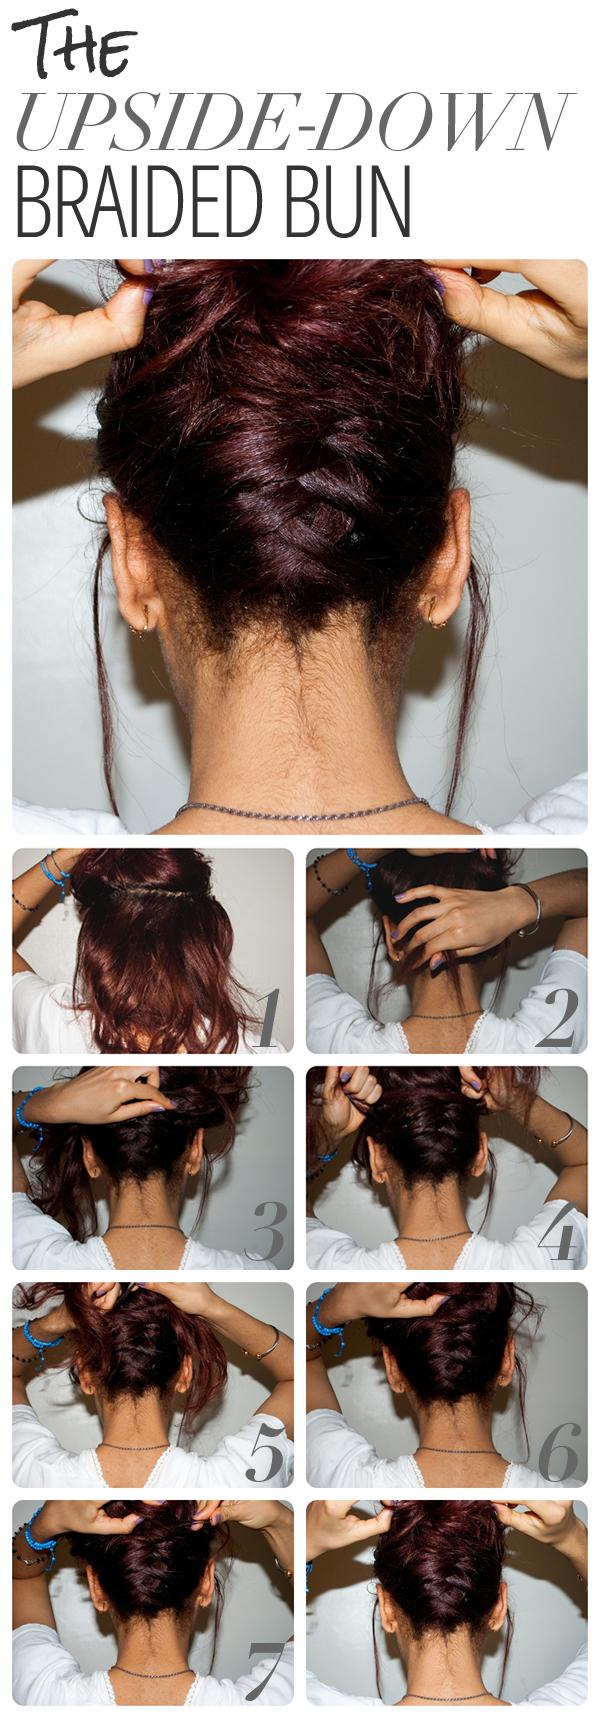 Причёска на волосы по плечо своими руками в домашних условиях